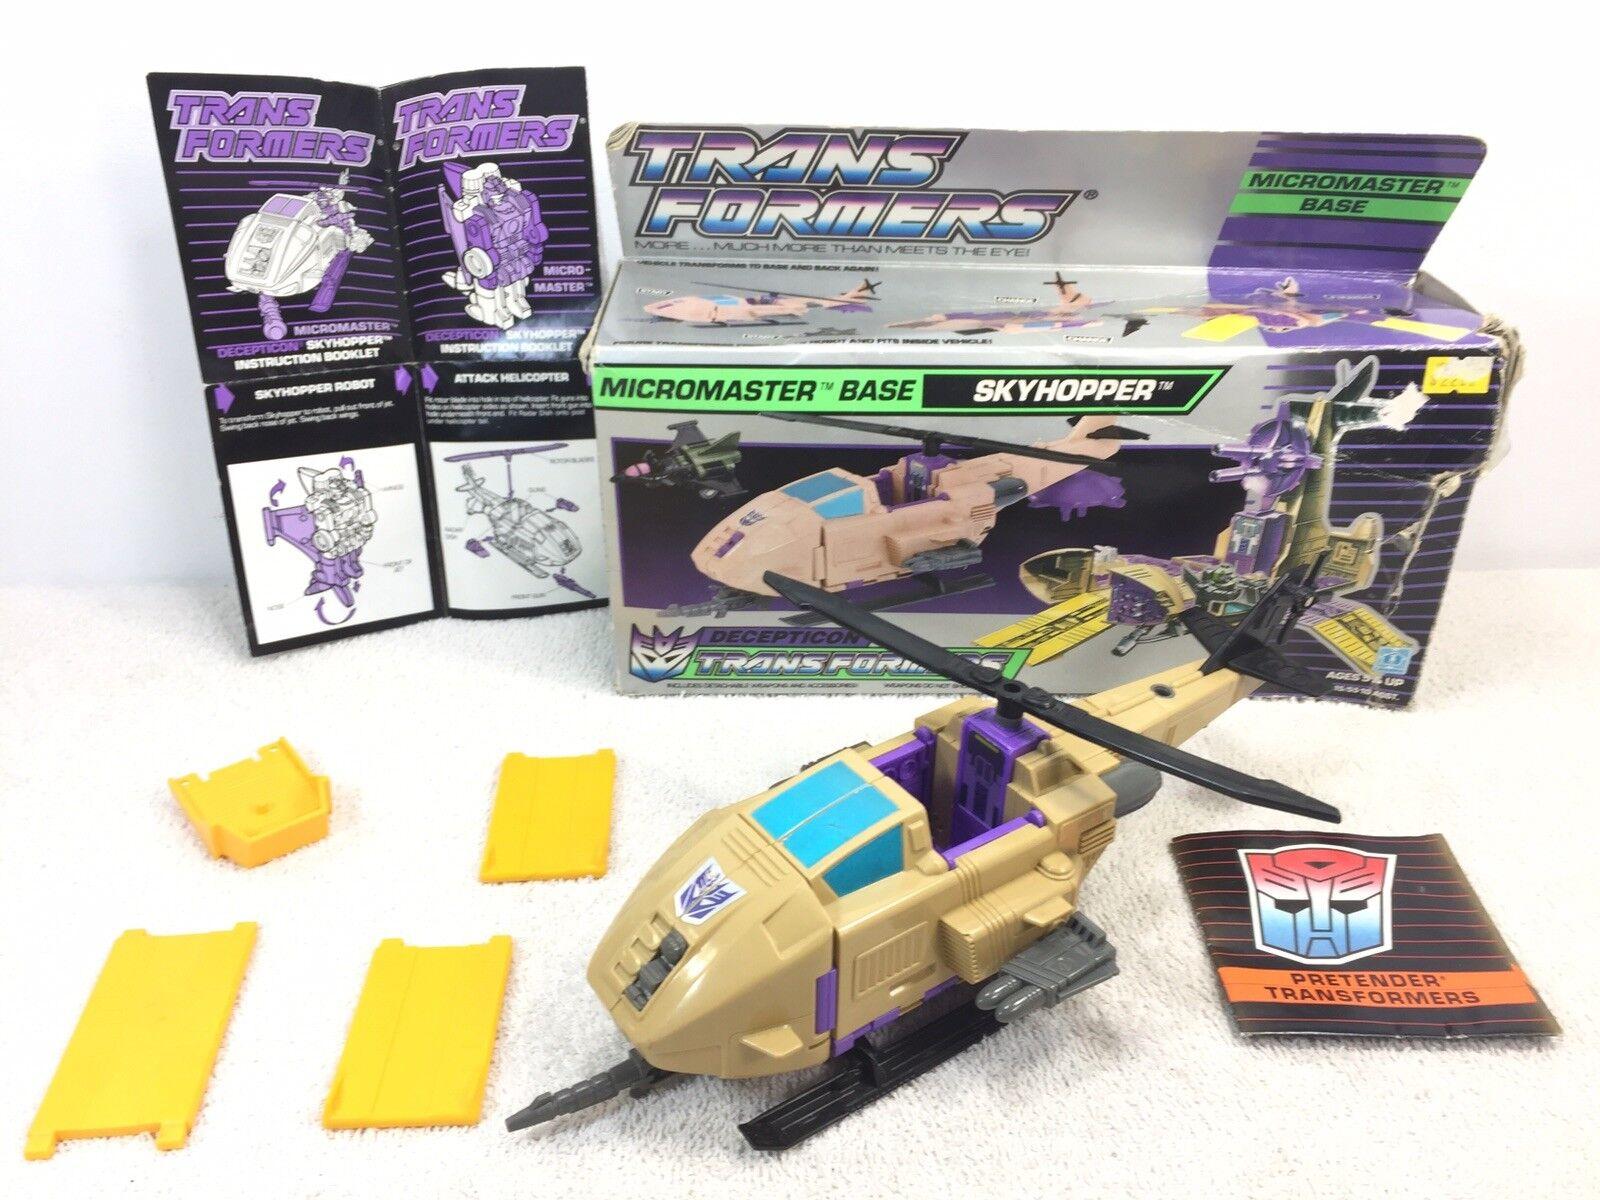 1989 hasbro g1 transformers micromaster skyhopper box anweisungen nicht vollständig